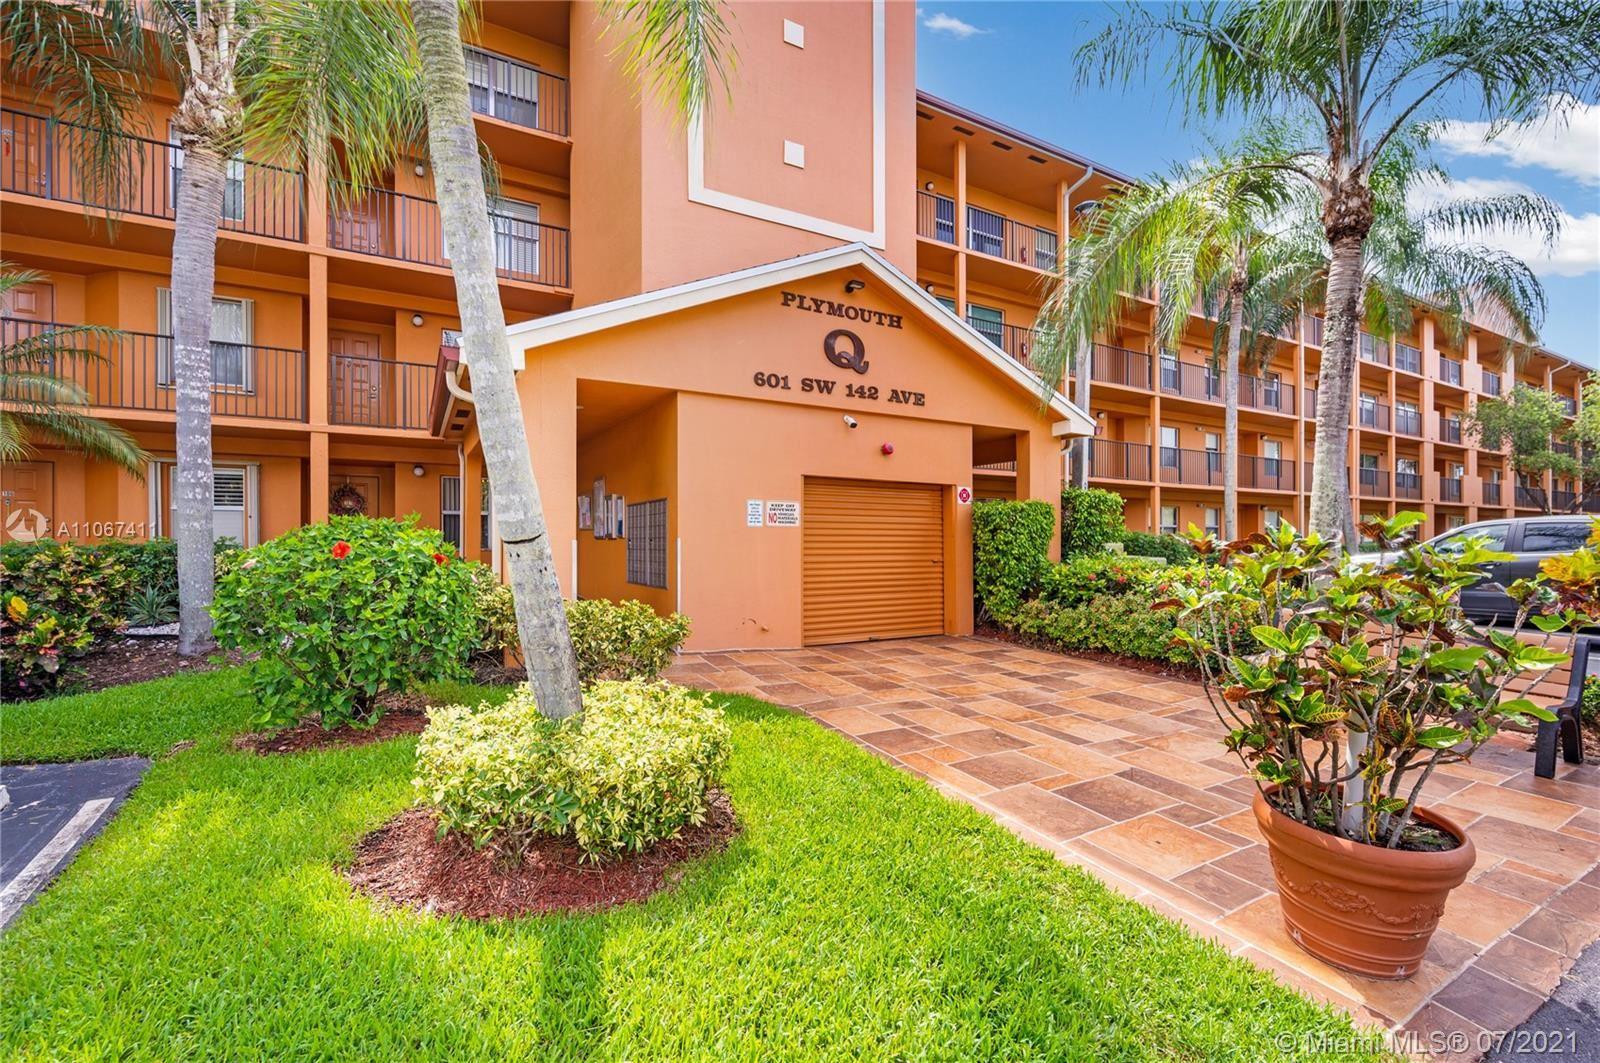 601 SW 142nd Ave #302Q, Pembroke Pines, FL 33027 - #: A11067411